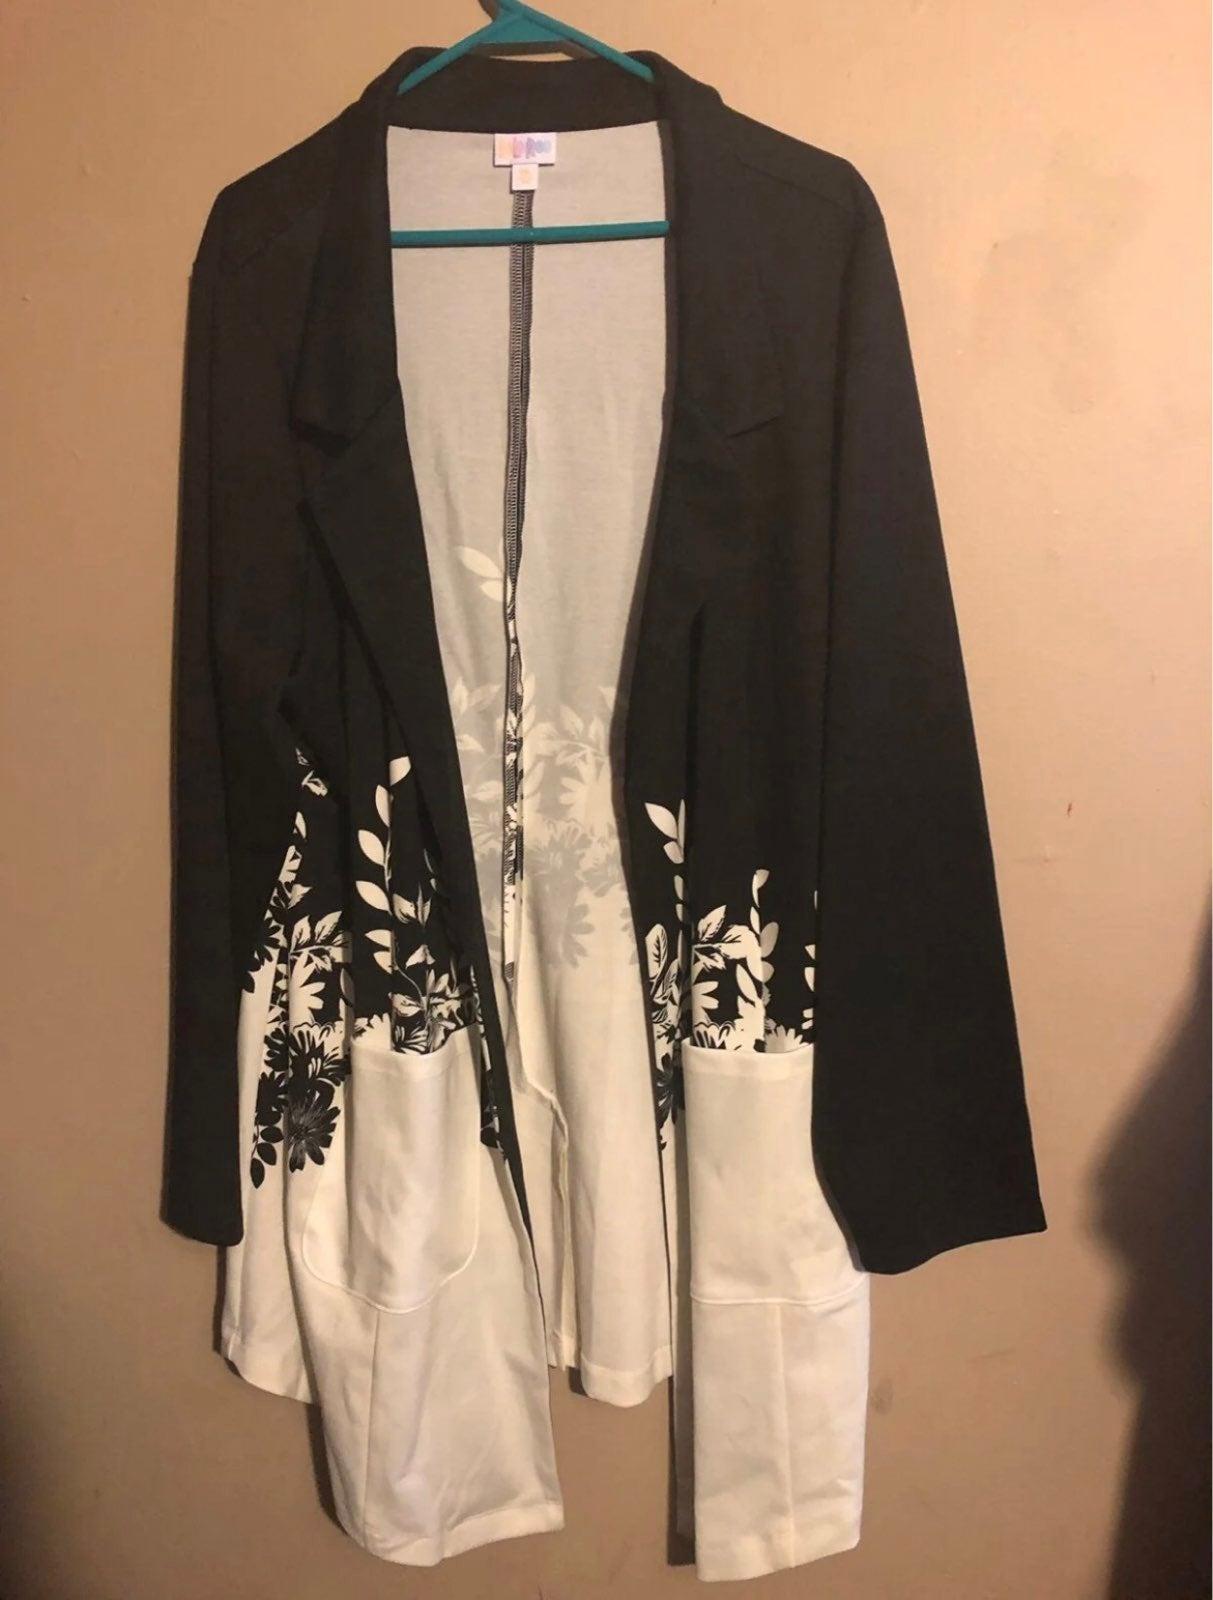 NWT Lularoe Gwen 3x Black Floral